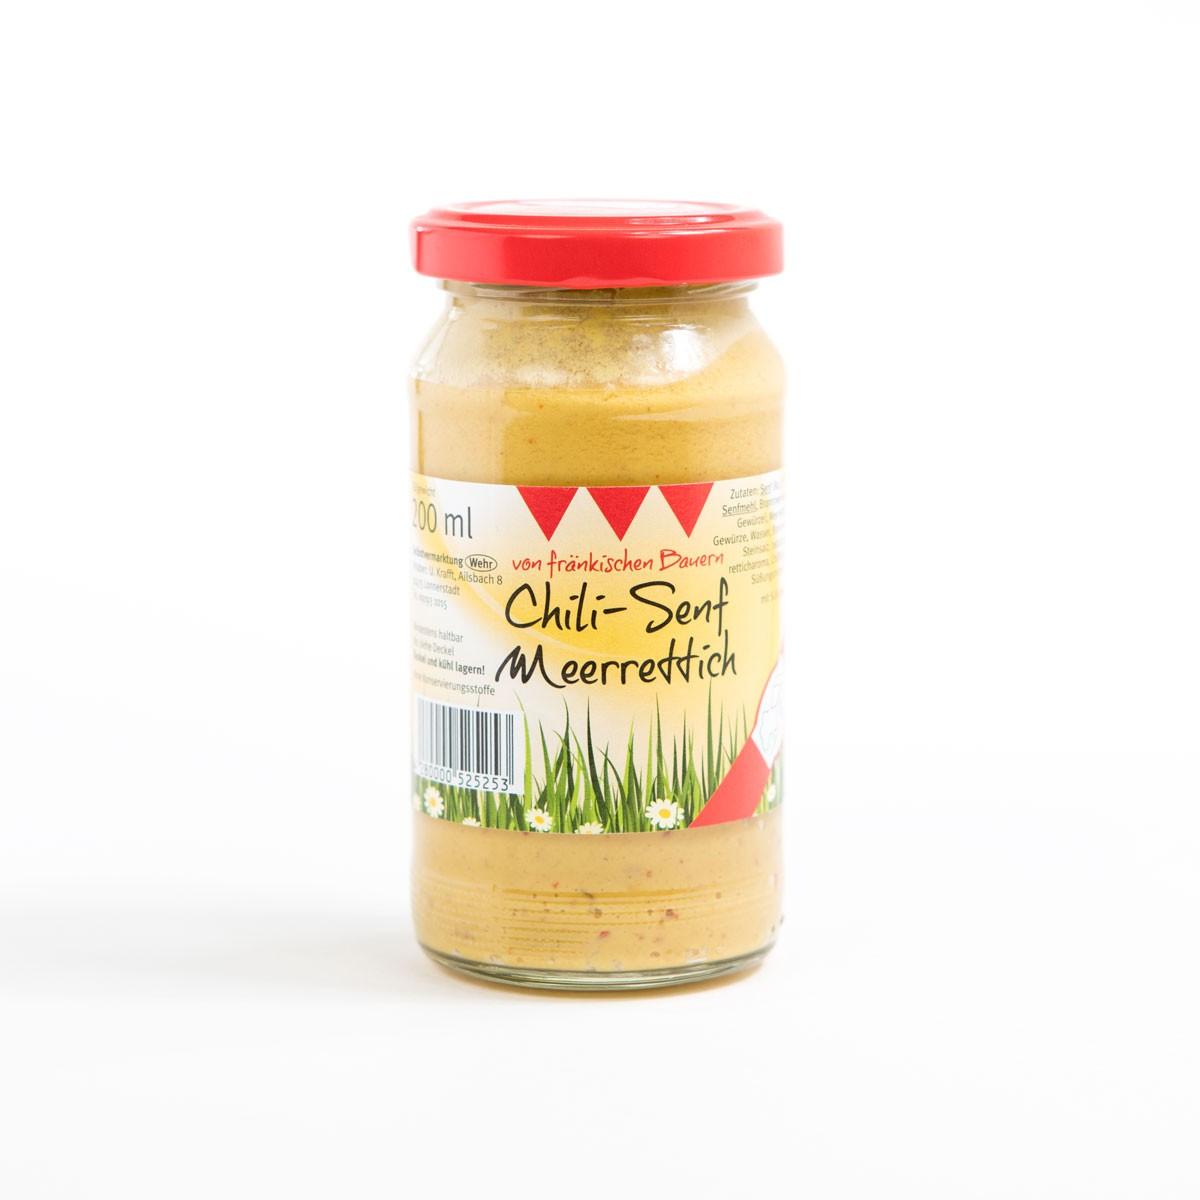 Fränkischer Chili-Senf Meerrettich